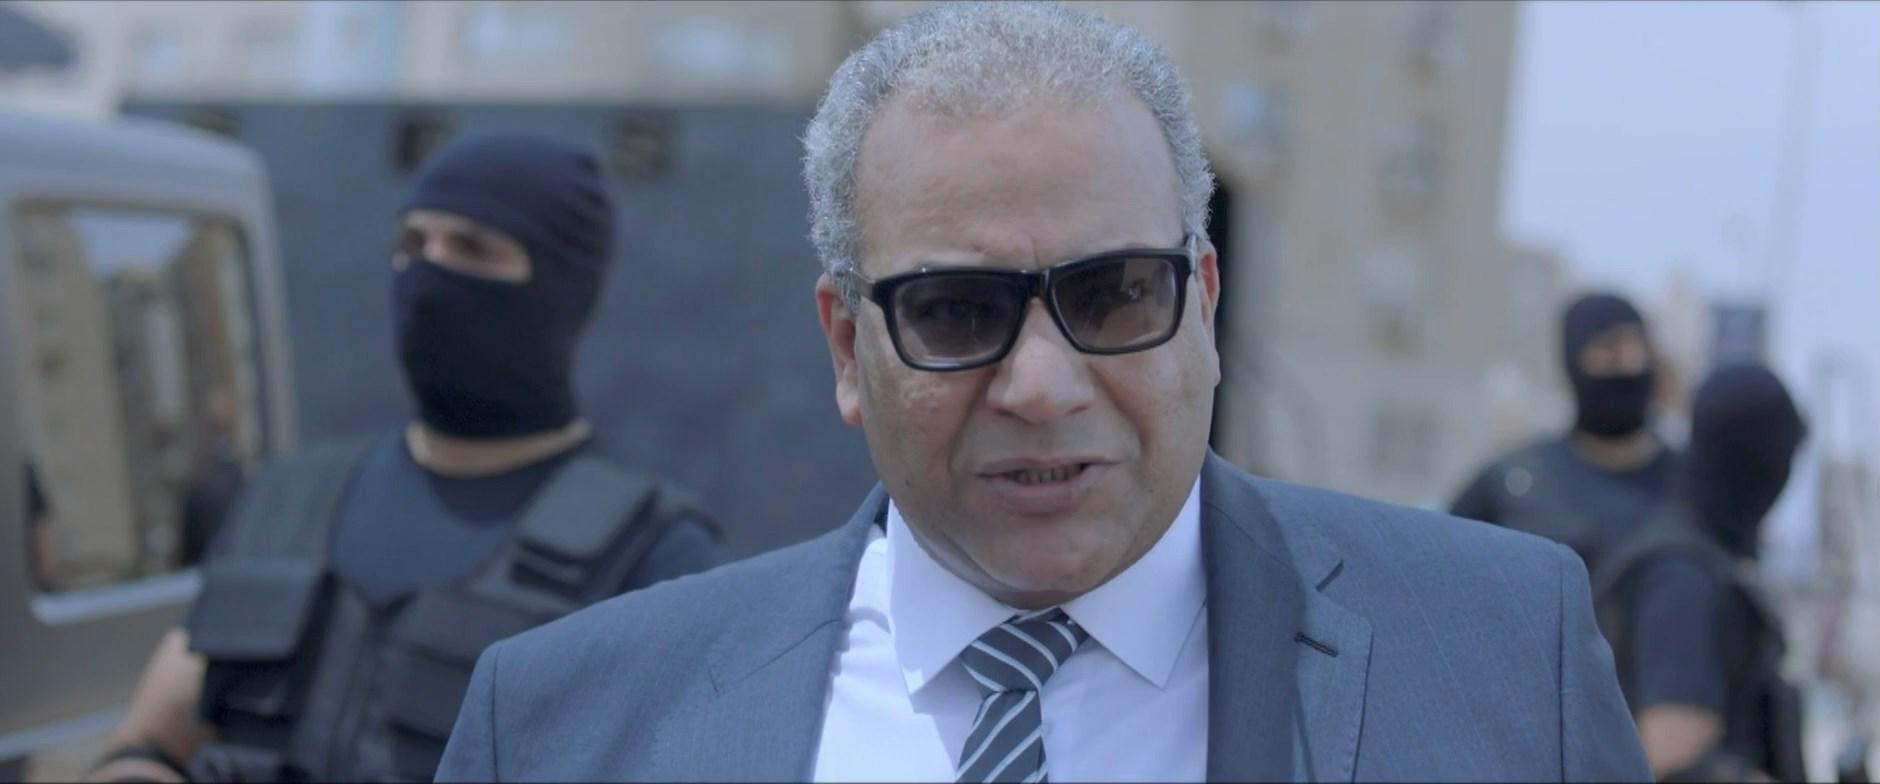 تحميل فيلم القرد بيتكلم HD بطوله احمد الفيشاوي 14991211